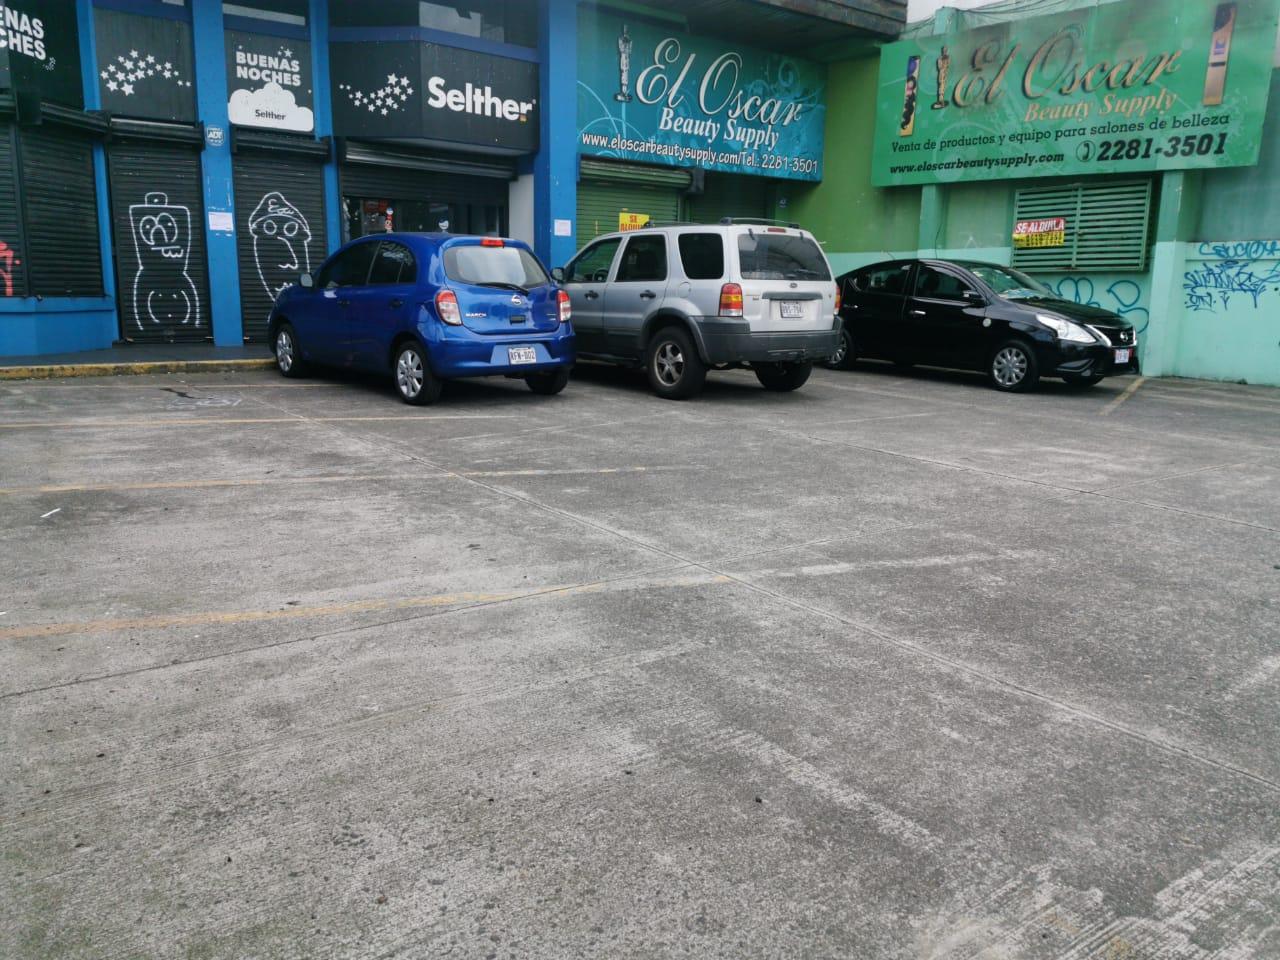 2791 Alquilo Bodega independiente en San Pedro. Alto tránsito vehicular y peatonal